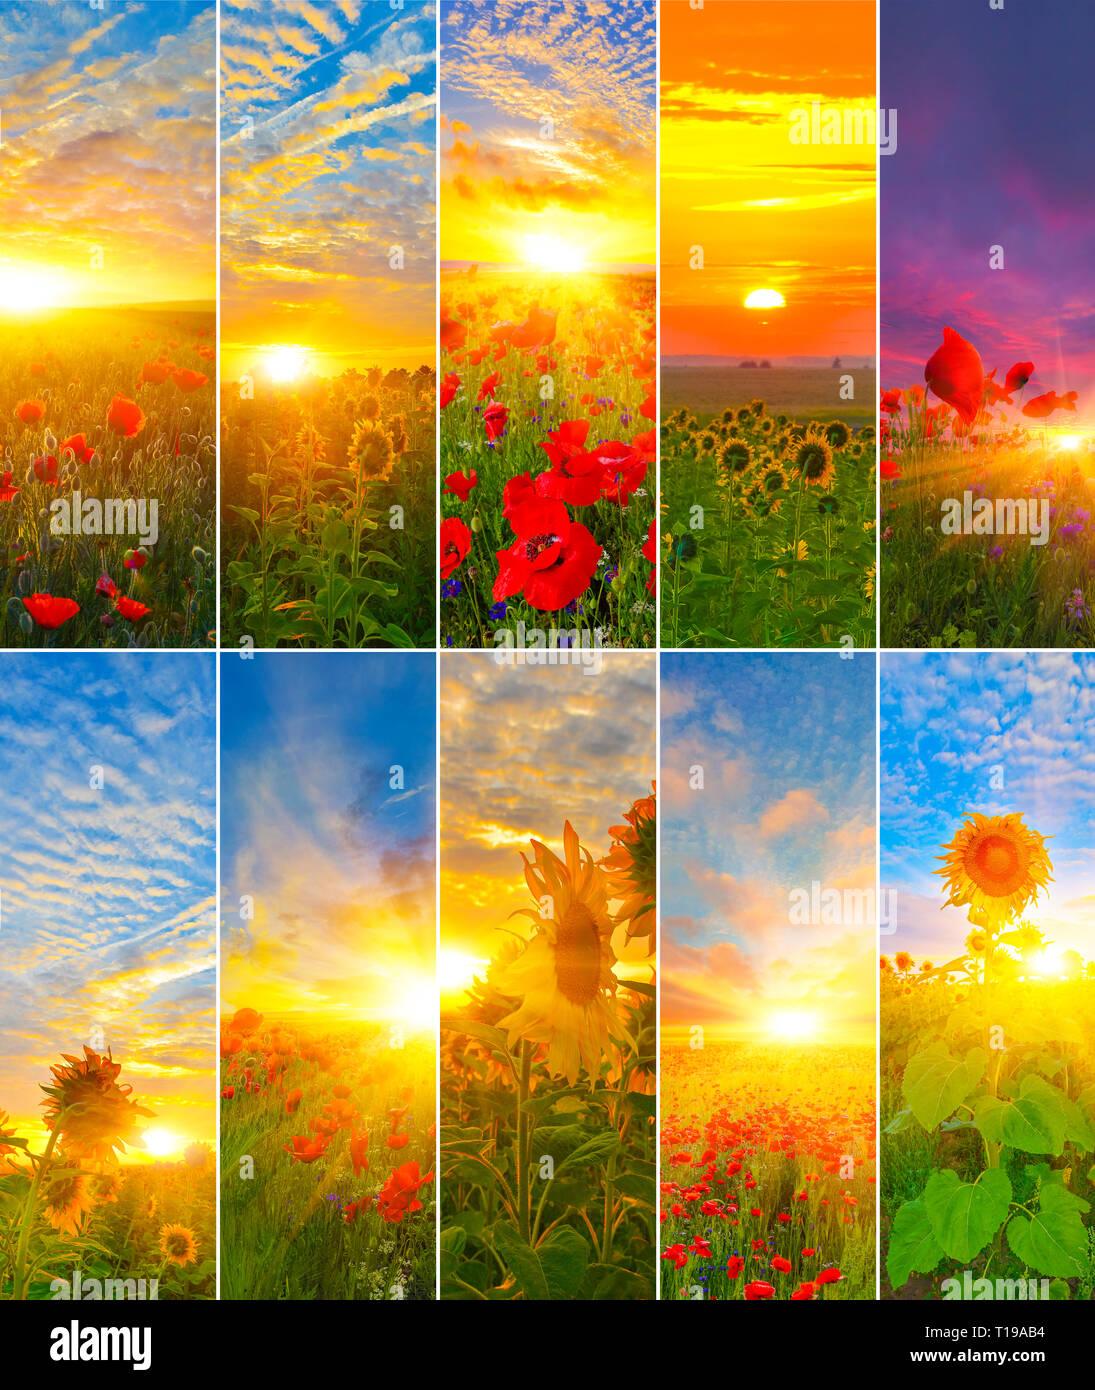 Colección de girasoles y amapolas con sol.Conjunto de antecedentes del amanecer. Imagen De Stock